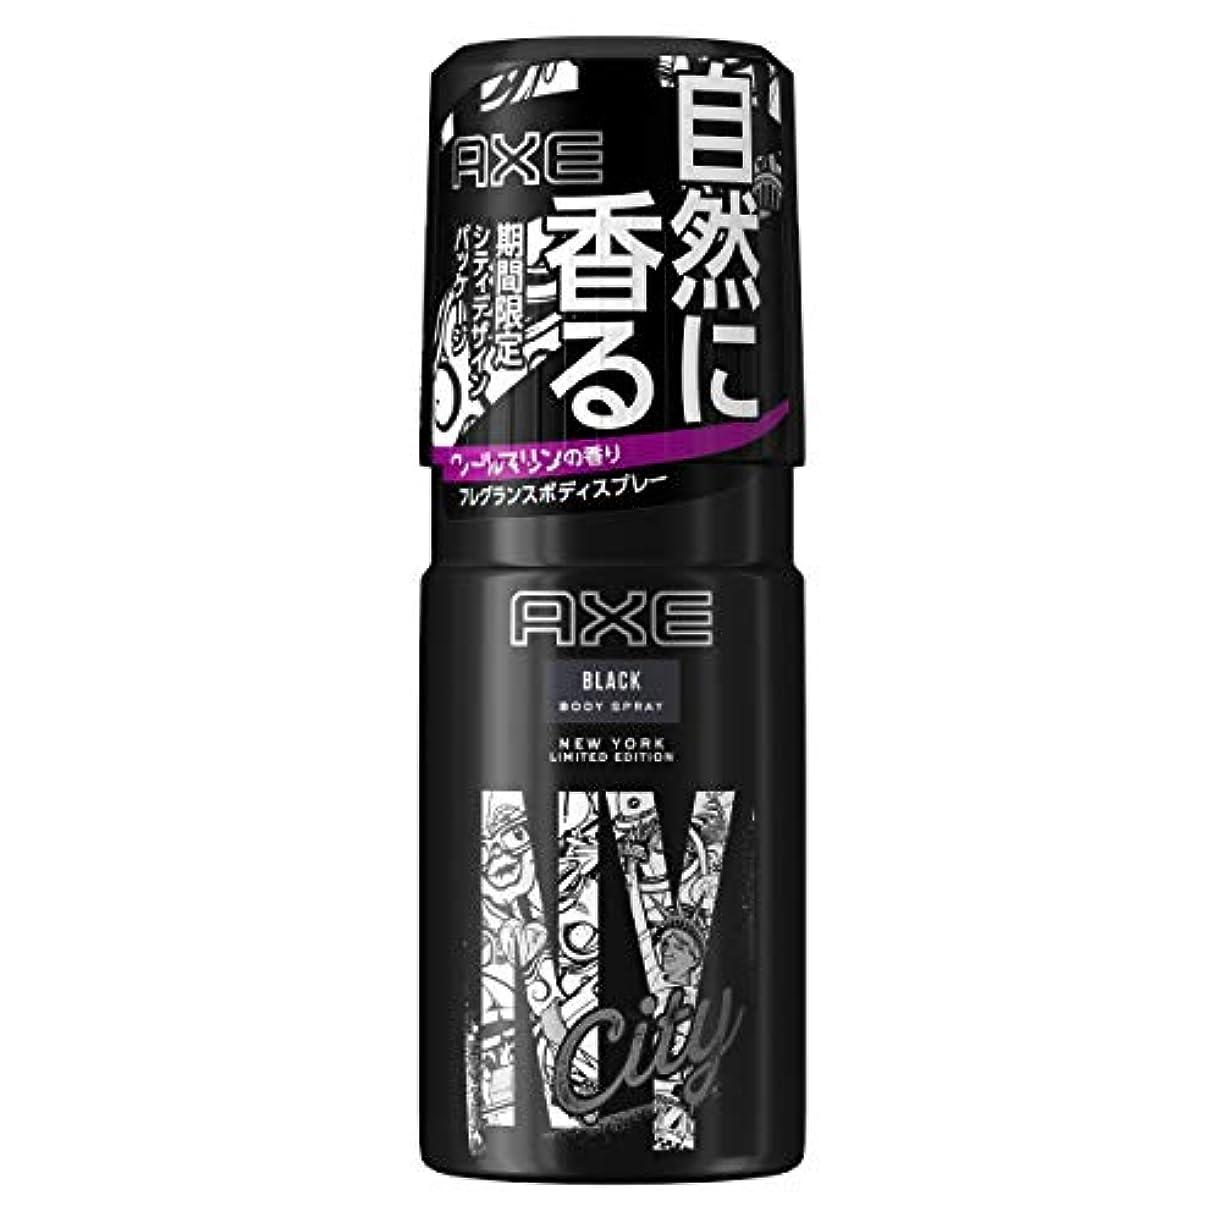 アックス フレグランス ボディスプレー ブラック 60g (クールマリンのさりげない香り)